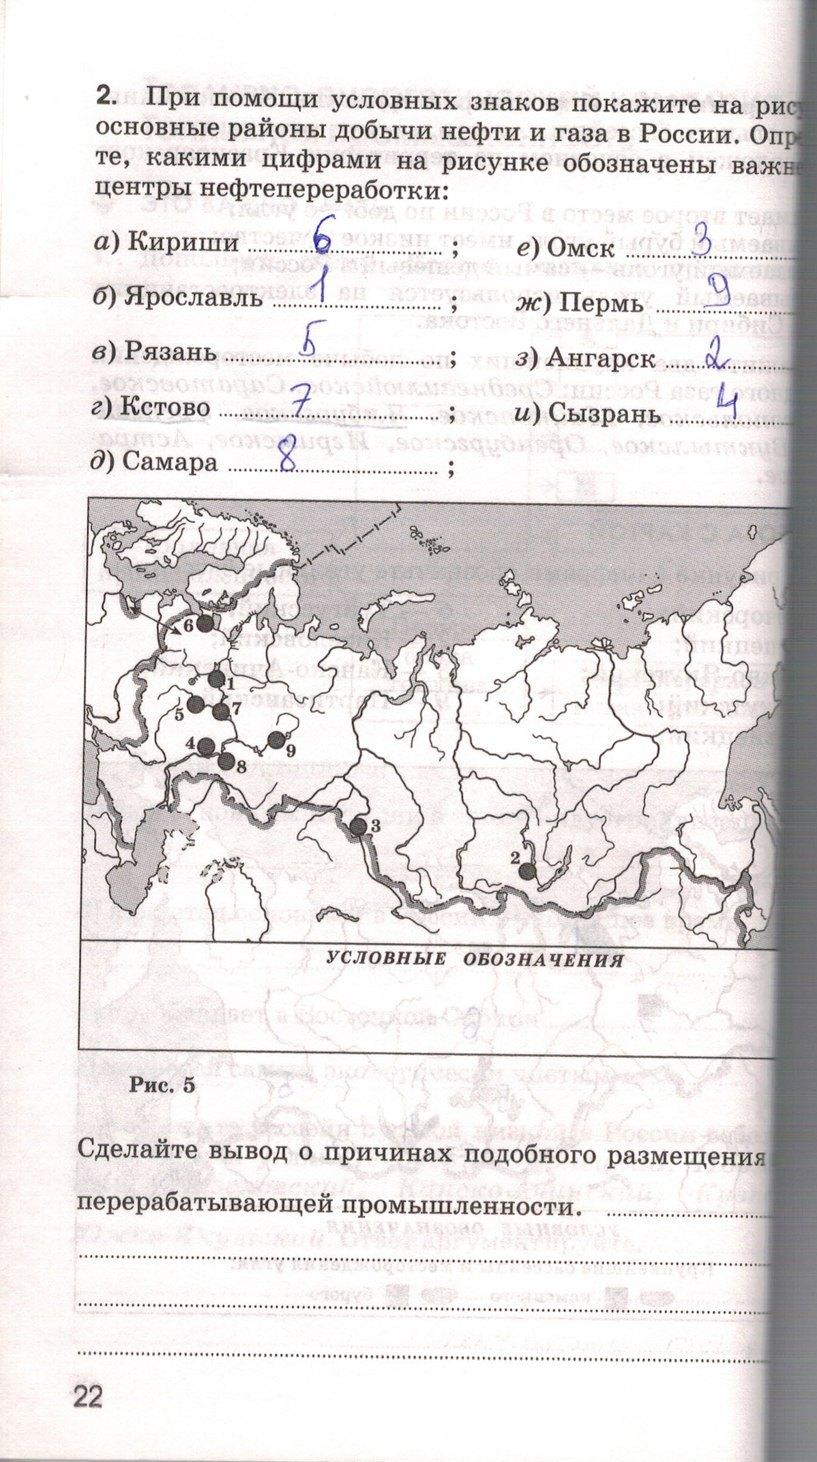 марченко тетрадь ответы класс географии 9 рабочая по решебник